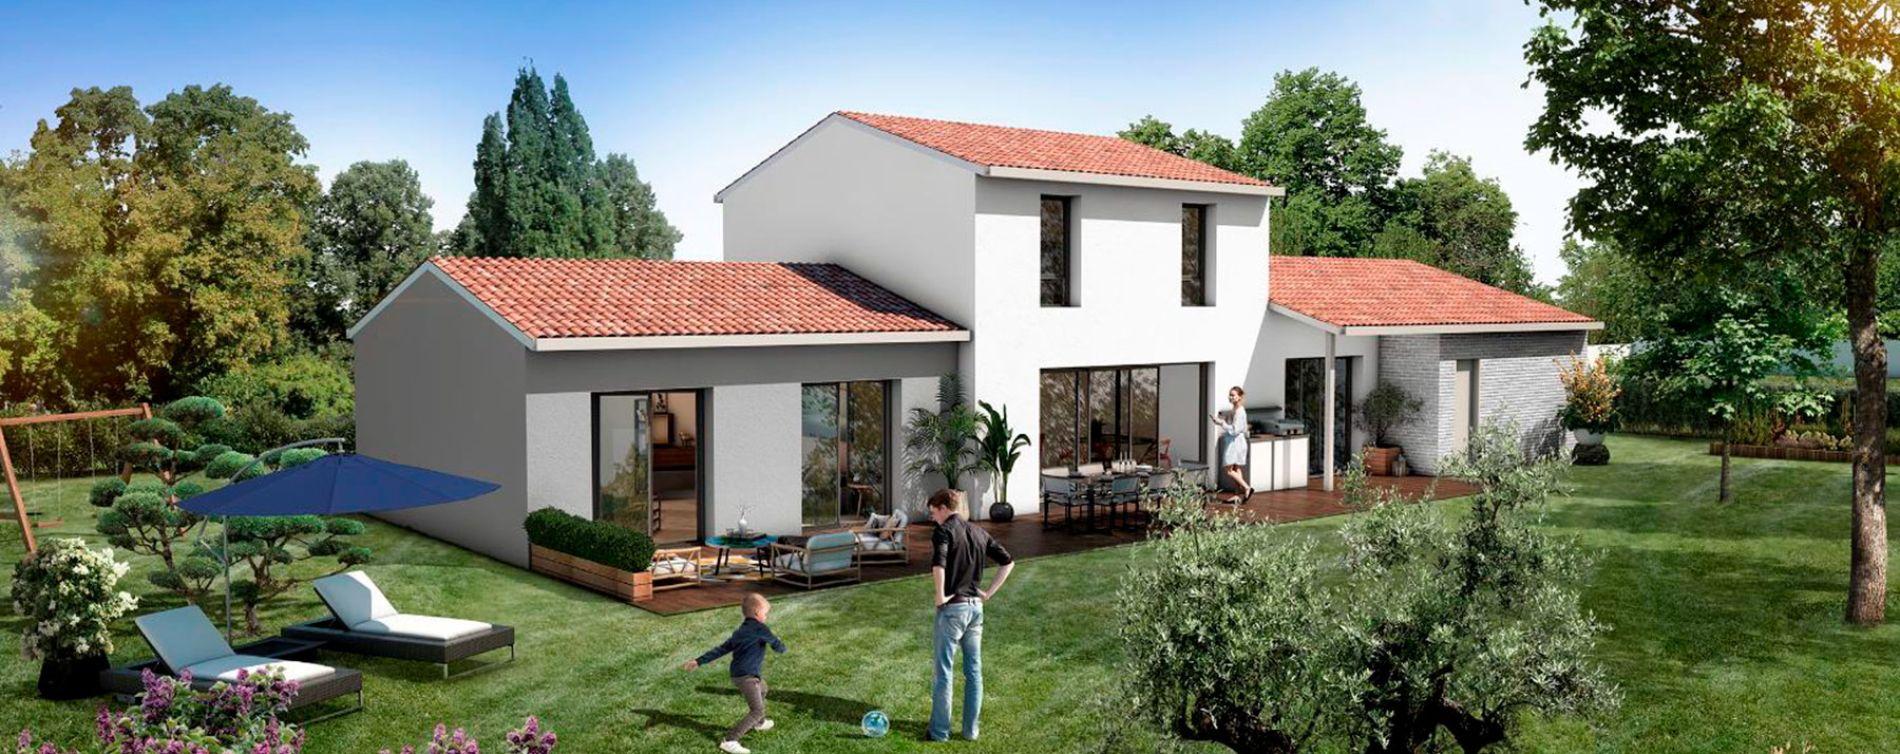 Toulouse : programme immobilier neuve « L'Auréa » (2)